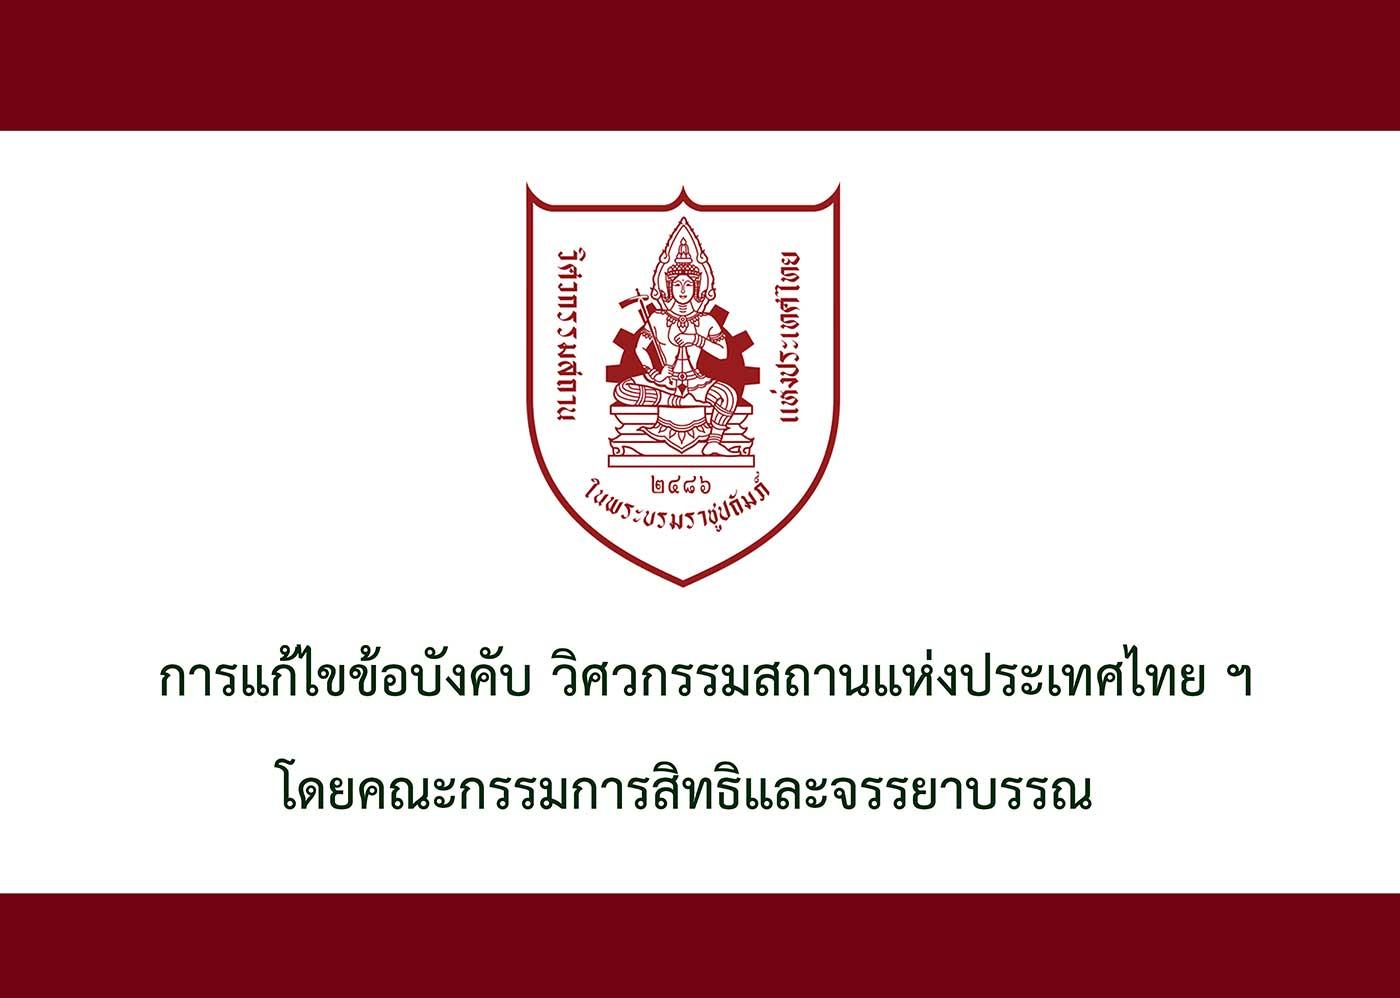 การแก้ไขข้อบังคับ วิศวกรรมสถานแห่งประเทศไทย ฯ โดยคณะกรรมการสิทธิและจรรยาบรรณ